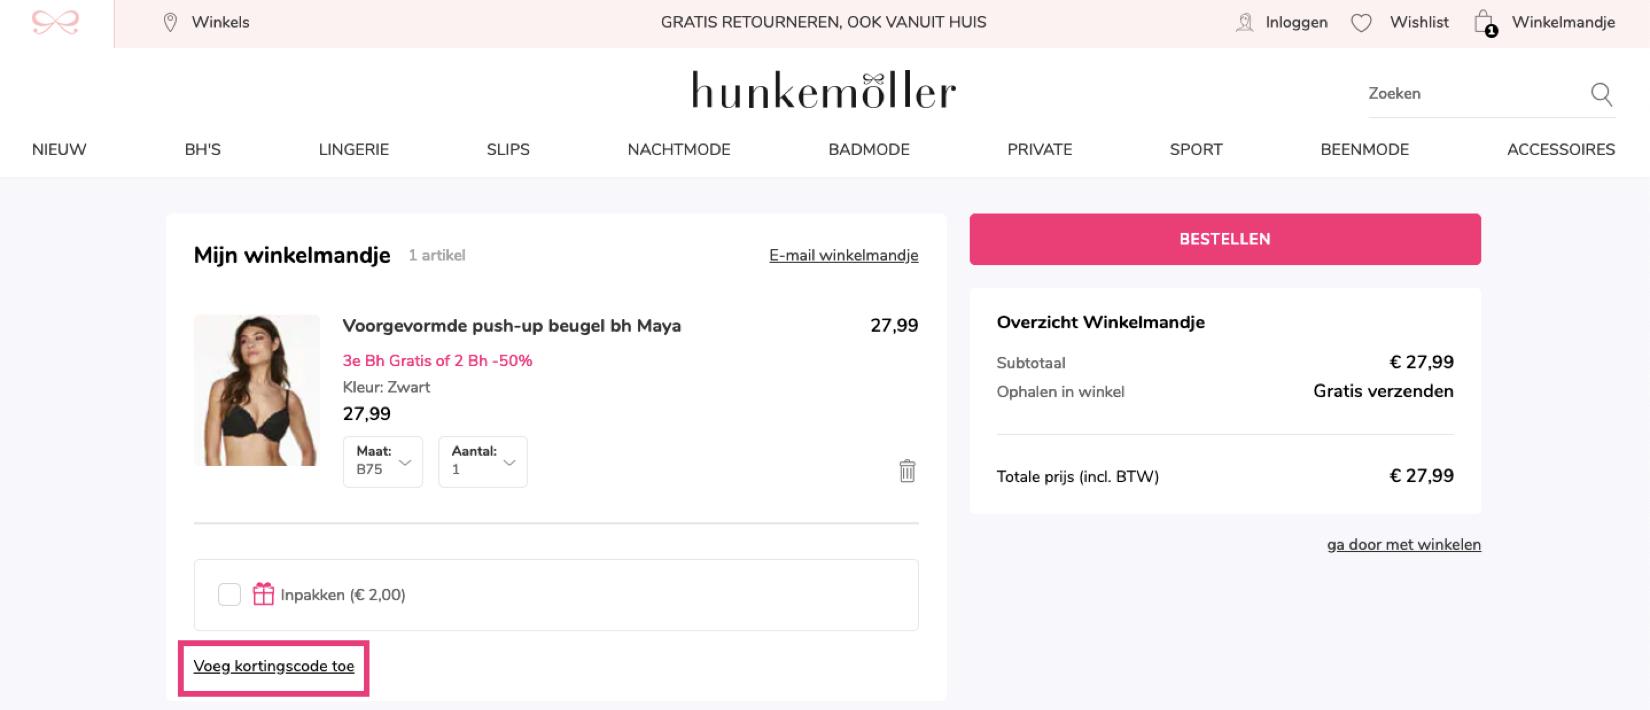 Hunkemöller Kortingscode Sale Tot 50 Korting Januari 2020